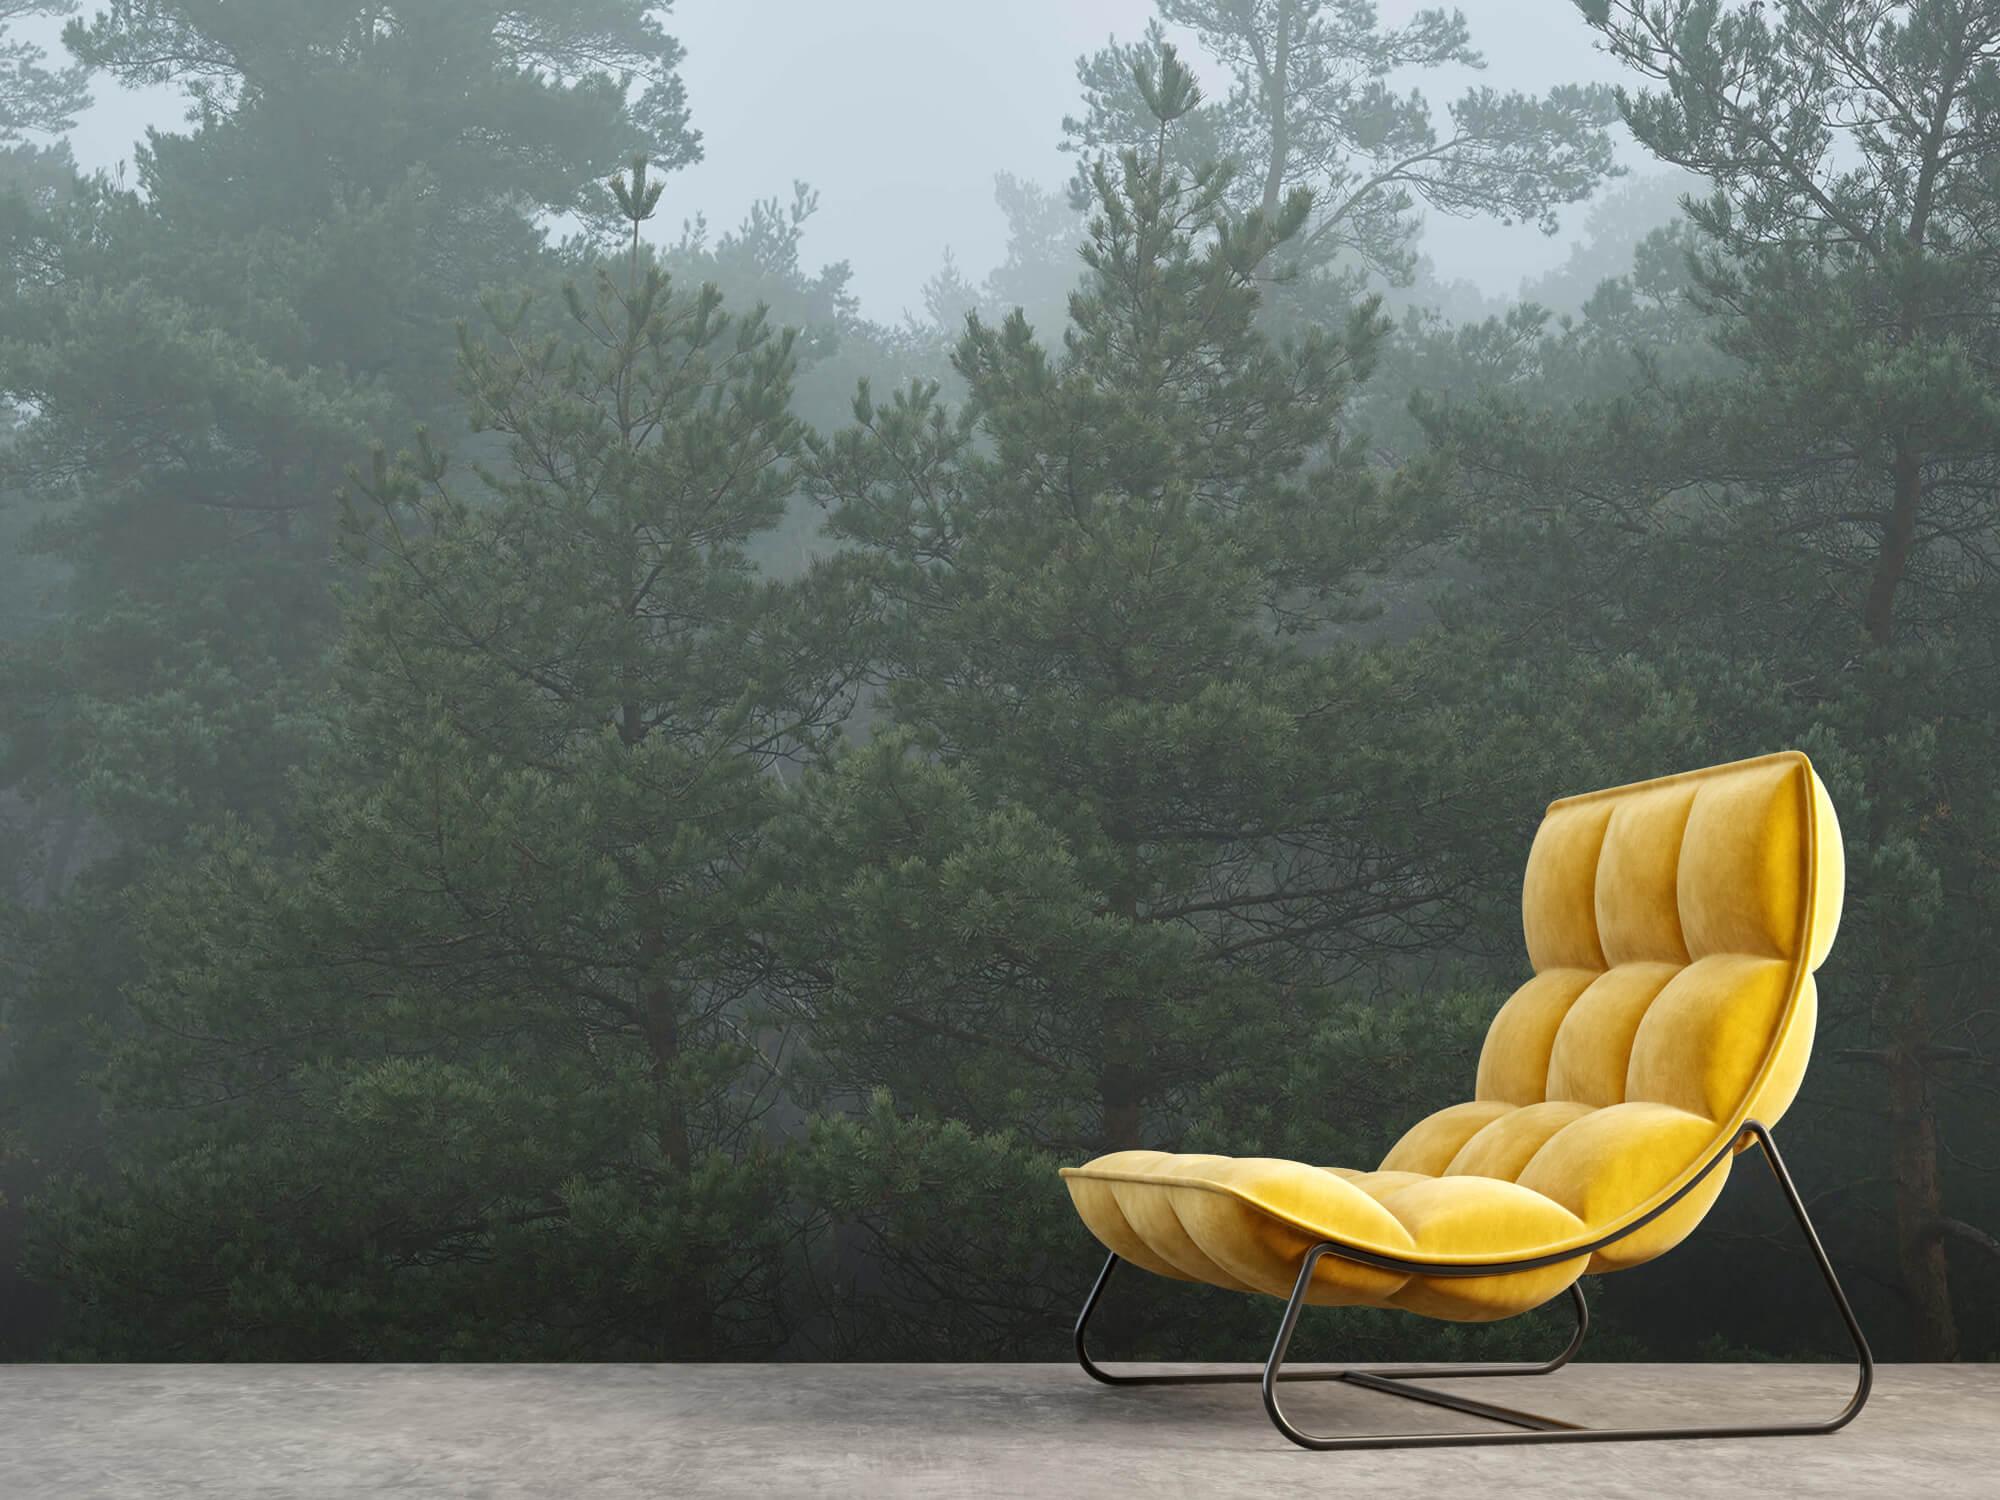 Natuur Naaldbomen in de mist 10